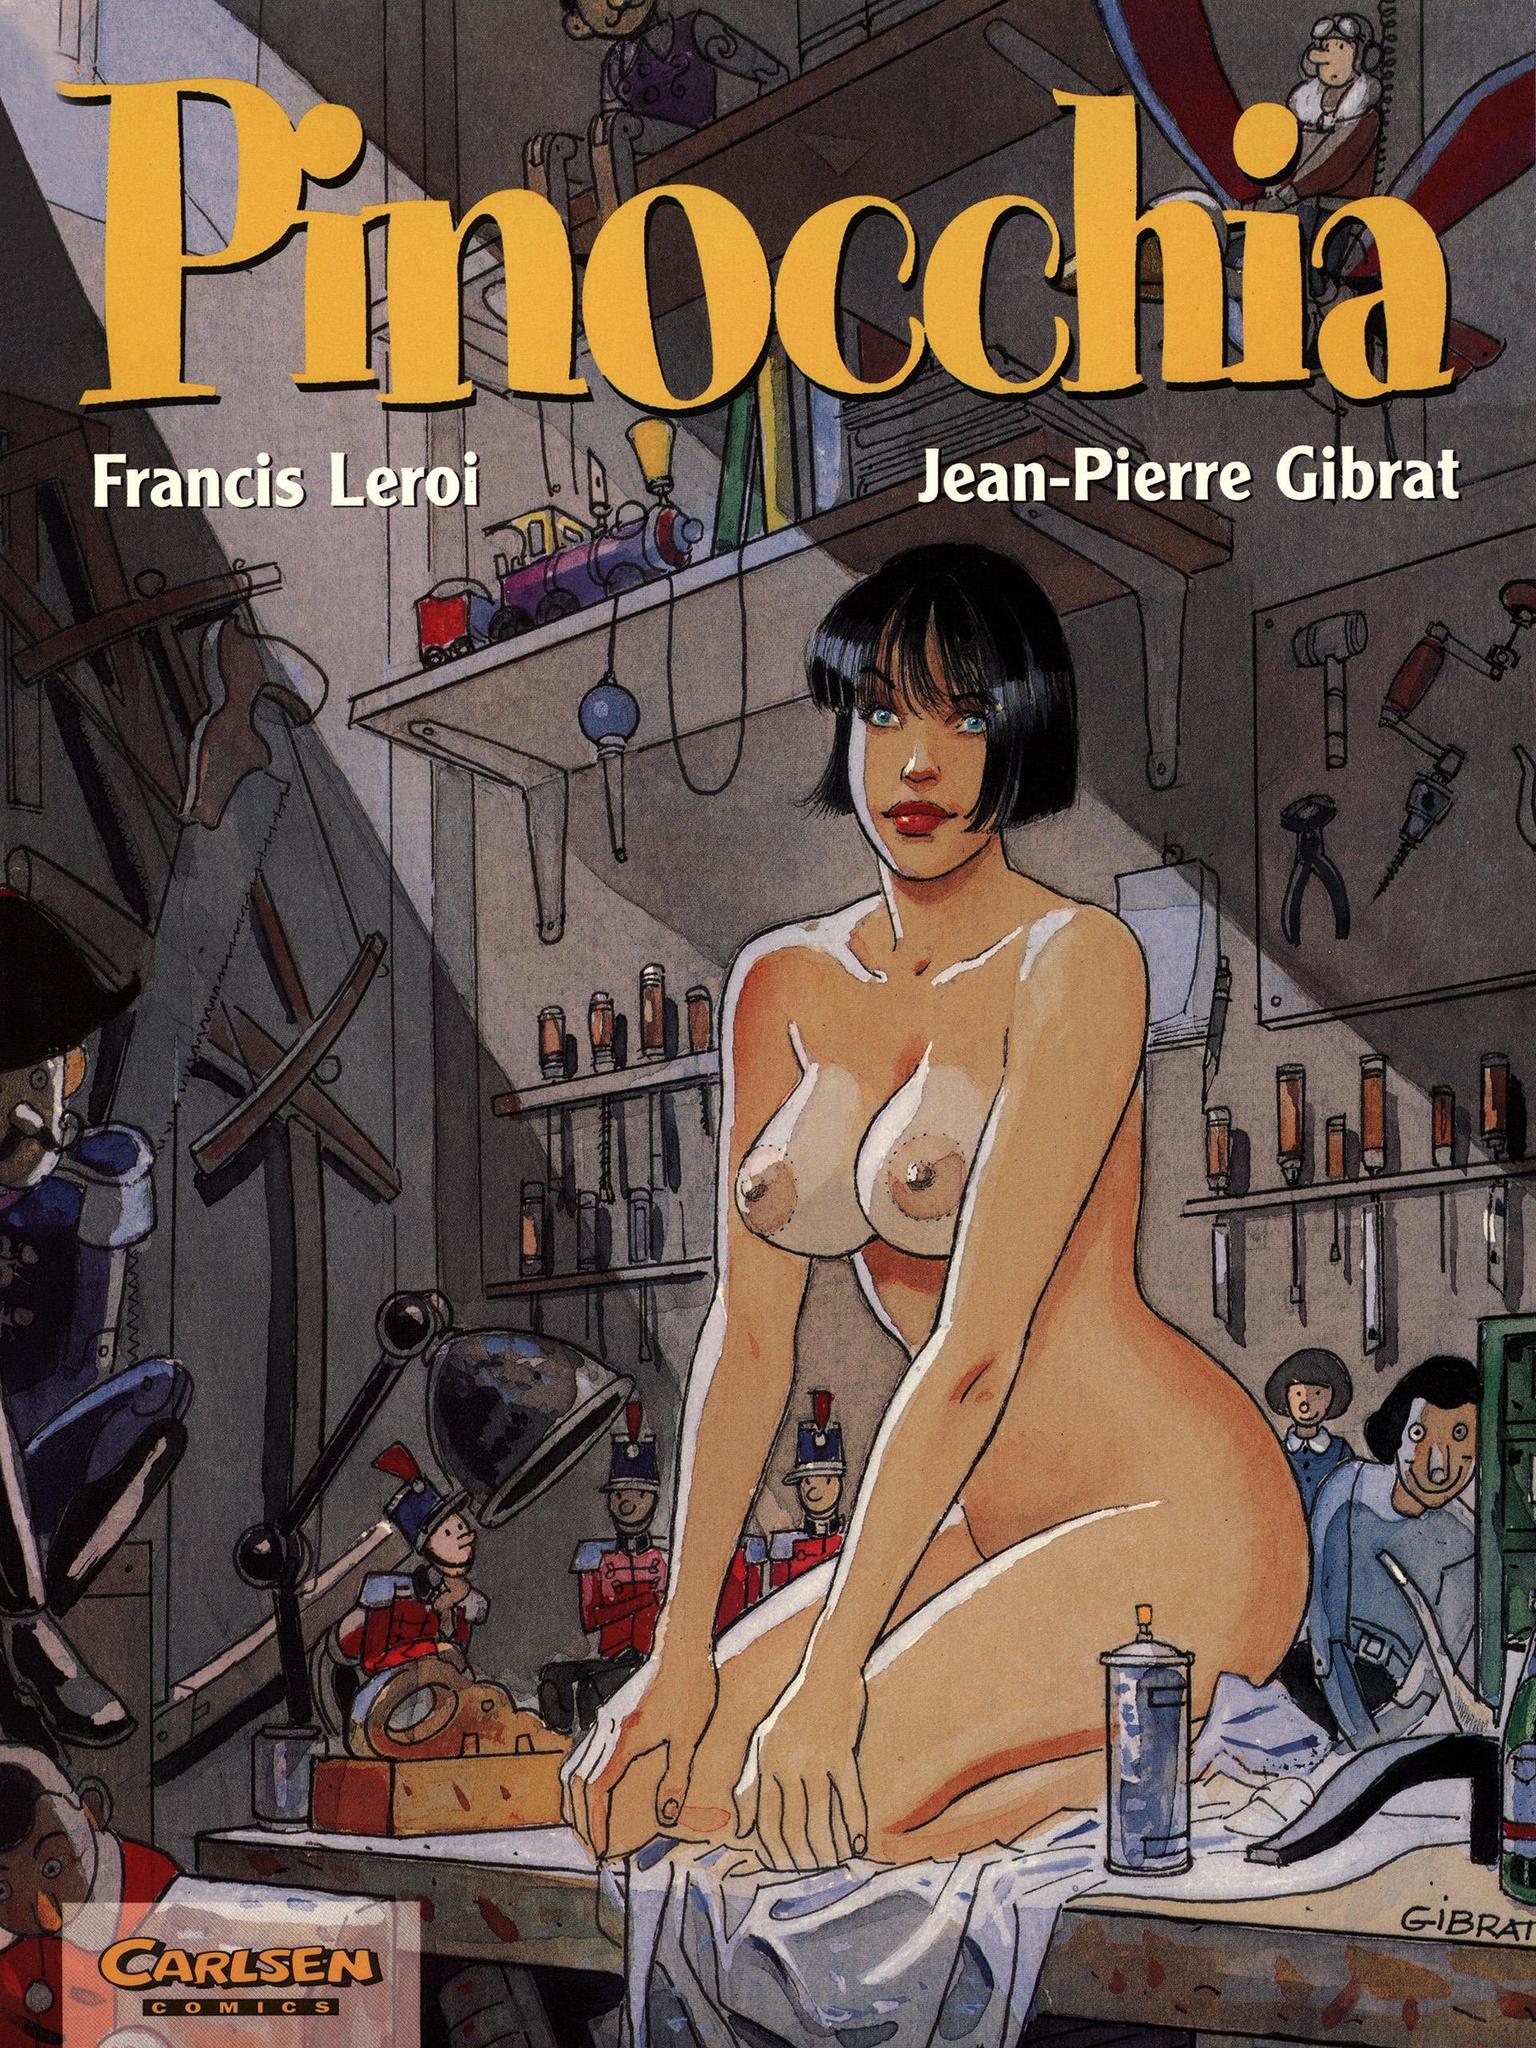 Pinocchia (1996)